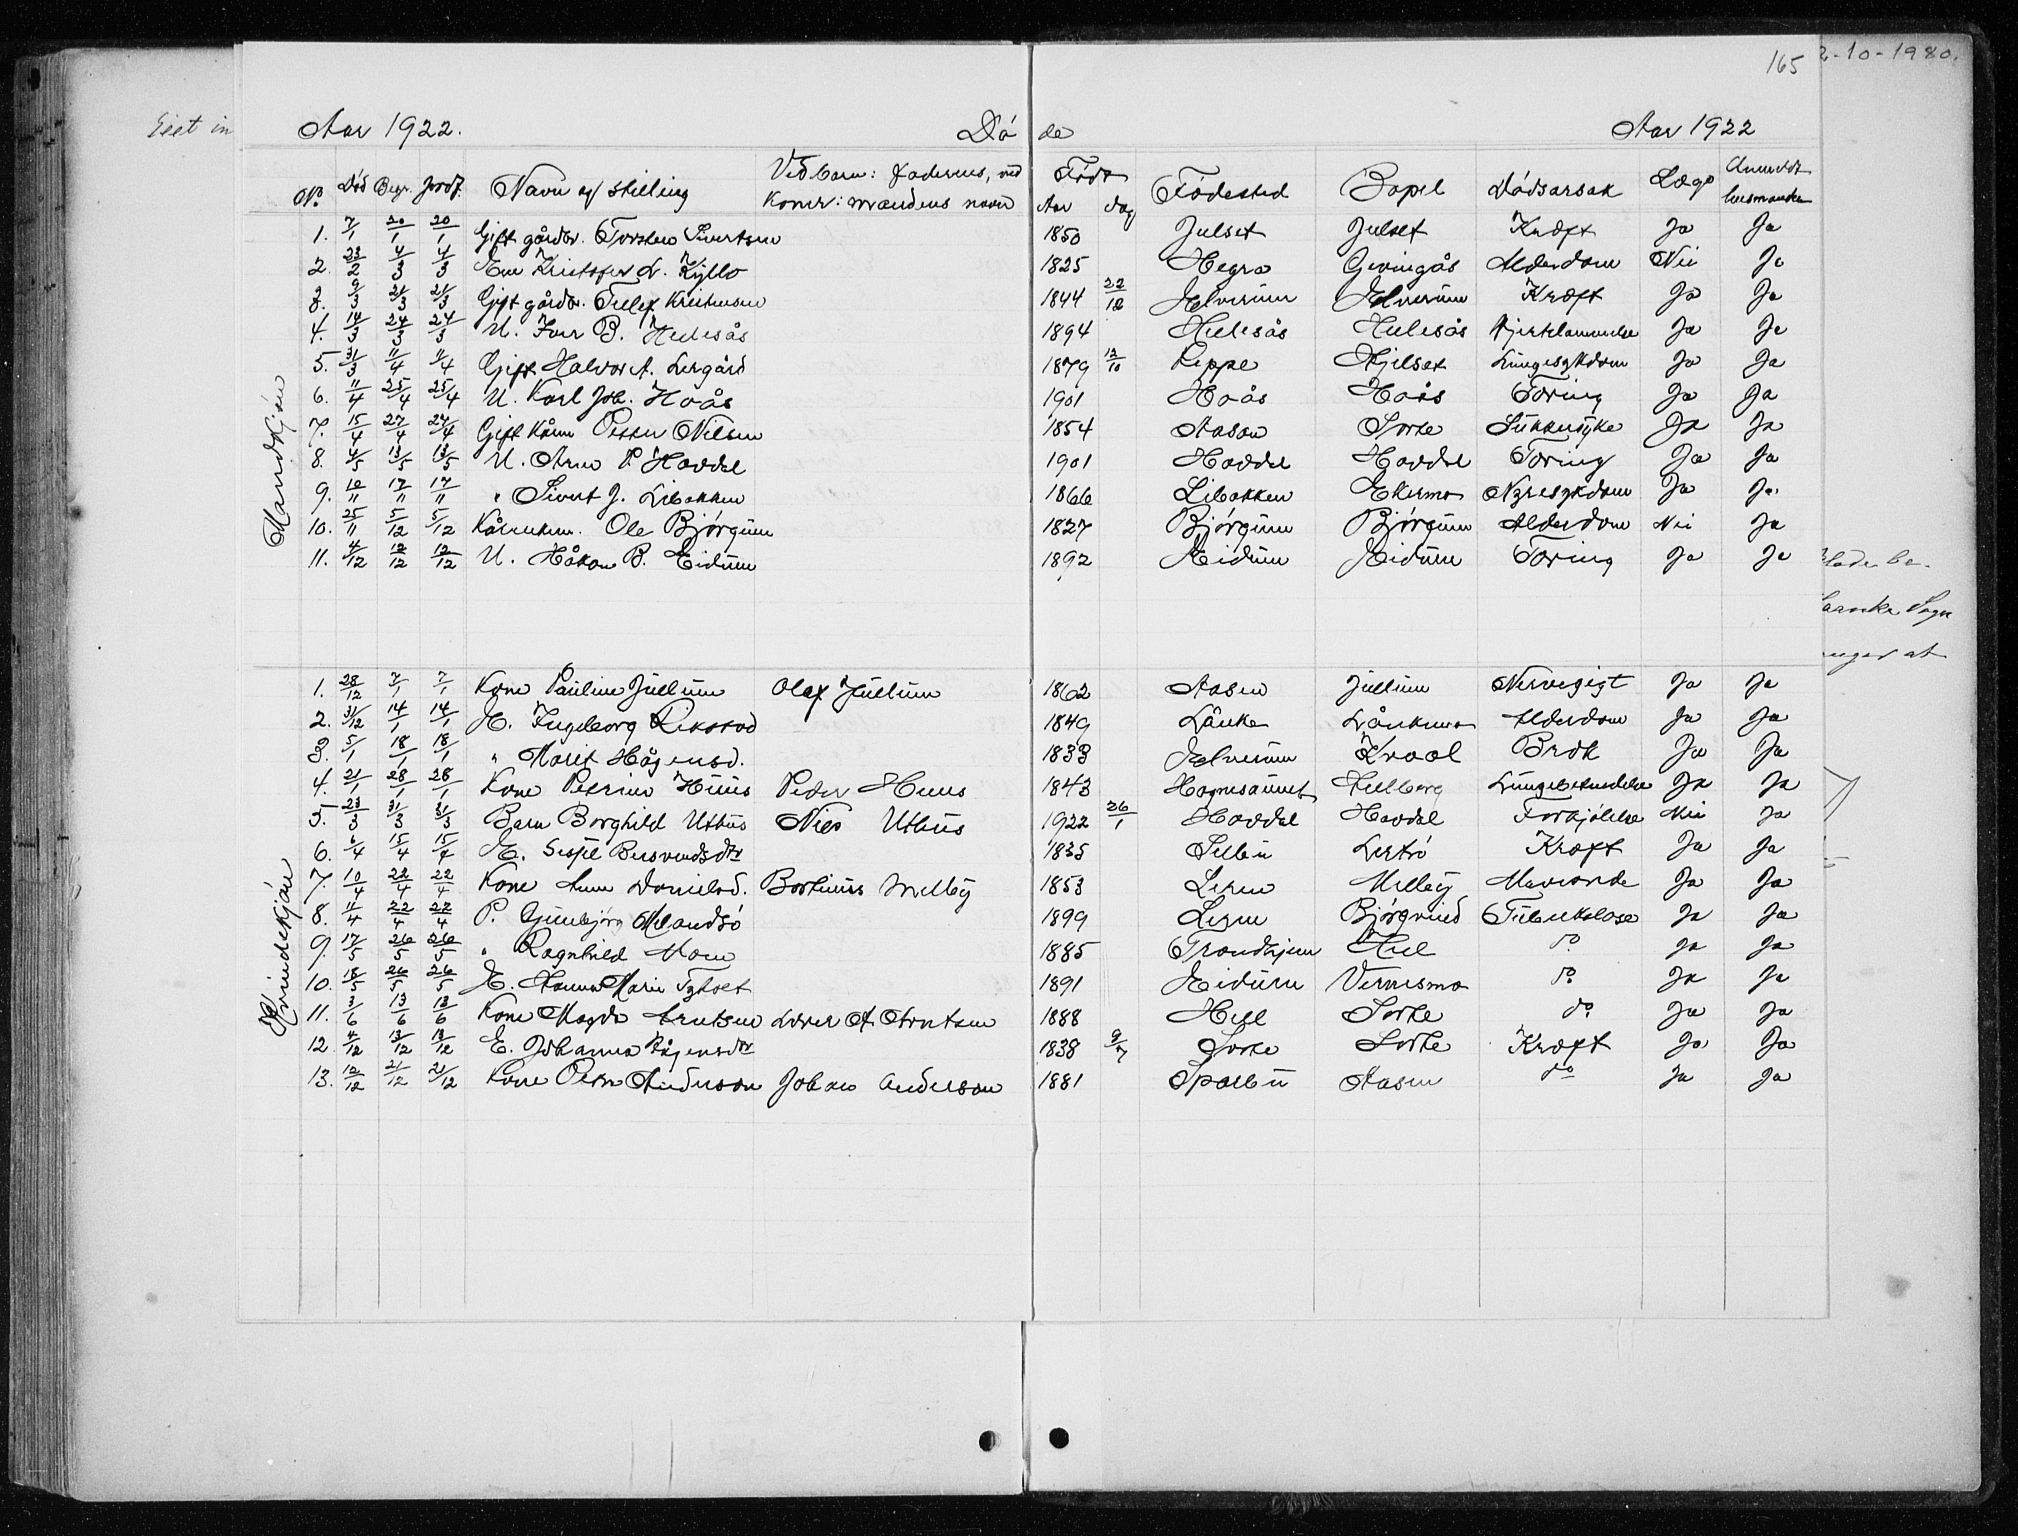 SAT, Ministerialprotokoller, klokkerbøker og fødselsregistre - Nord-Trøndelag, 710/L0096: Klokkerbok nr. 710C01, 1892-1925, s. 165